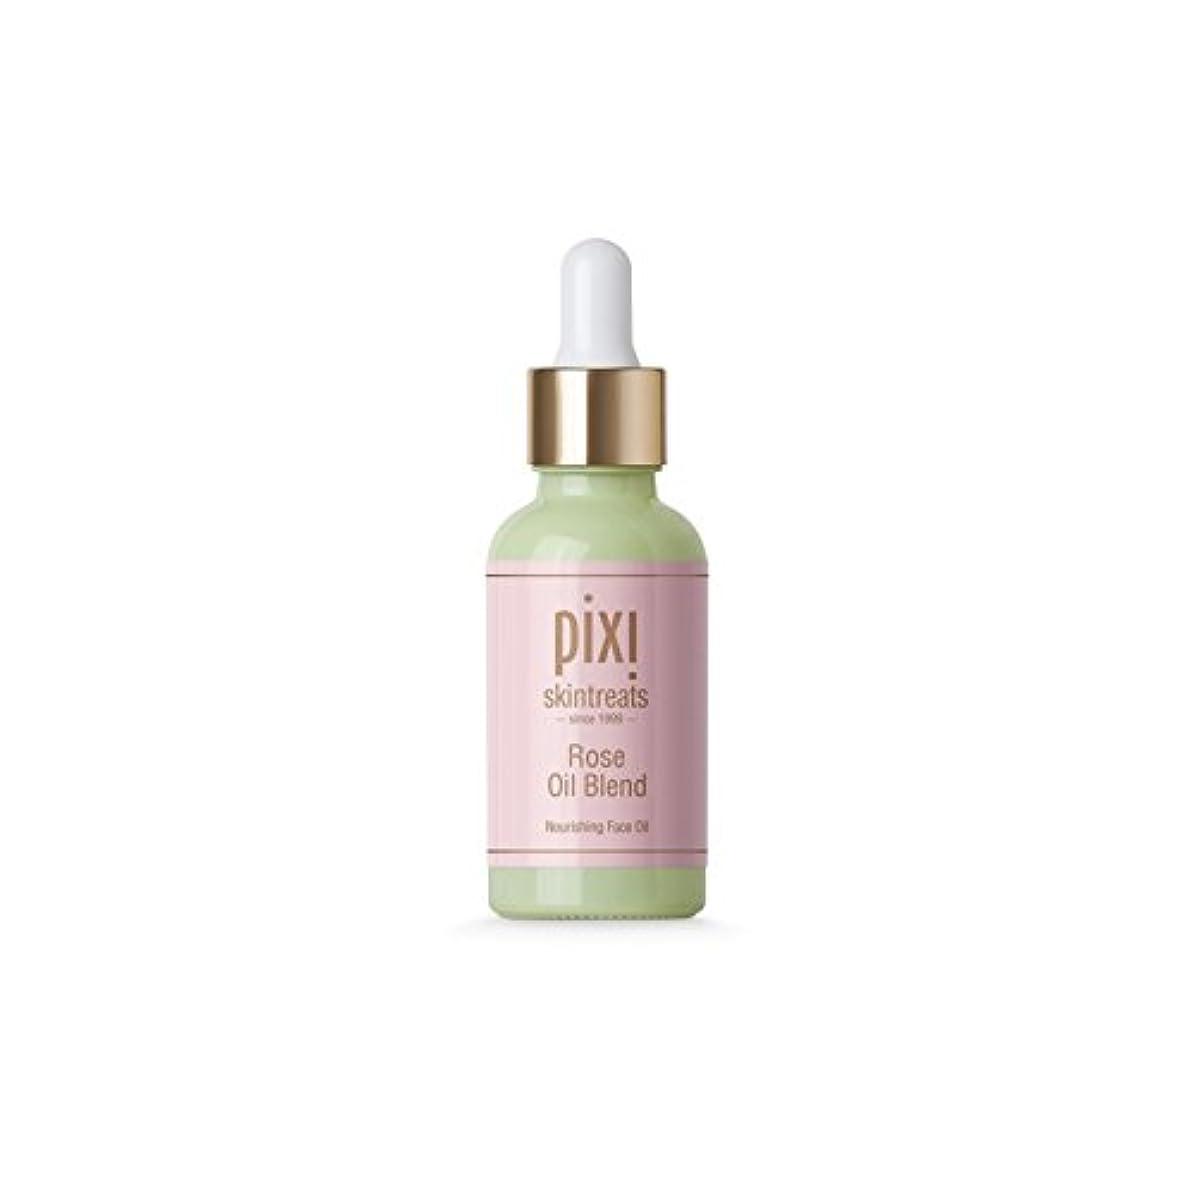 テレックス宣言する繰り返しは、油ブレンドをバラ x2 - Pixi Rose Oil Blend (Pack of 2) [並行輸入品]